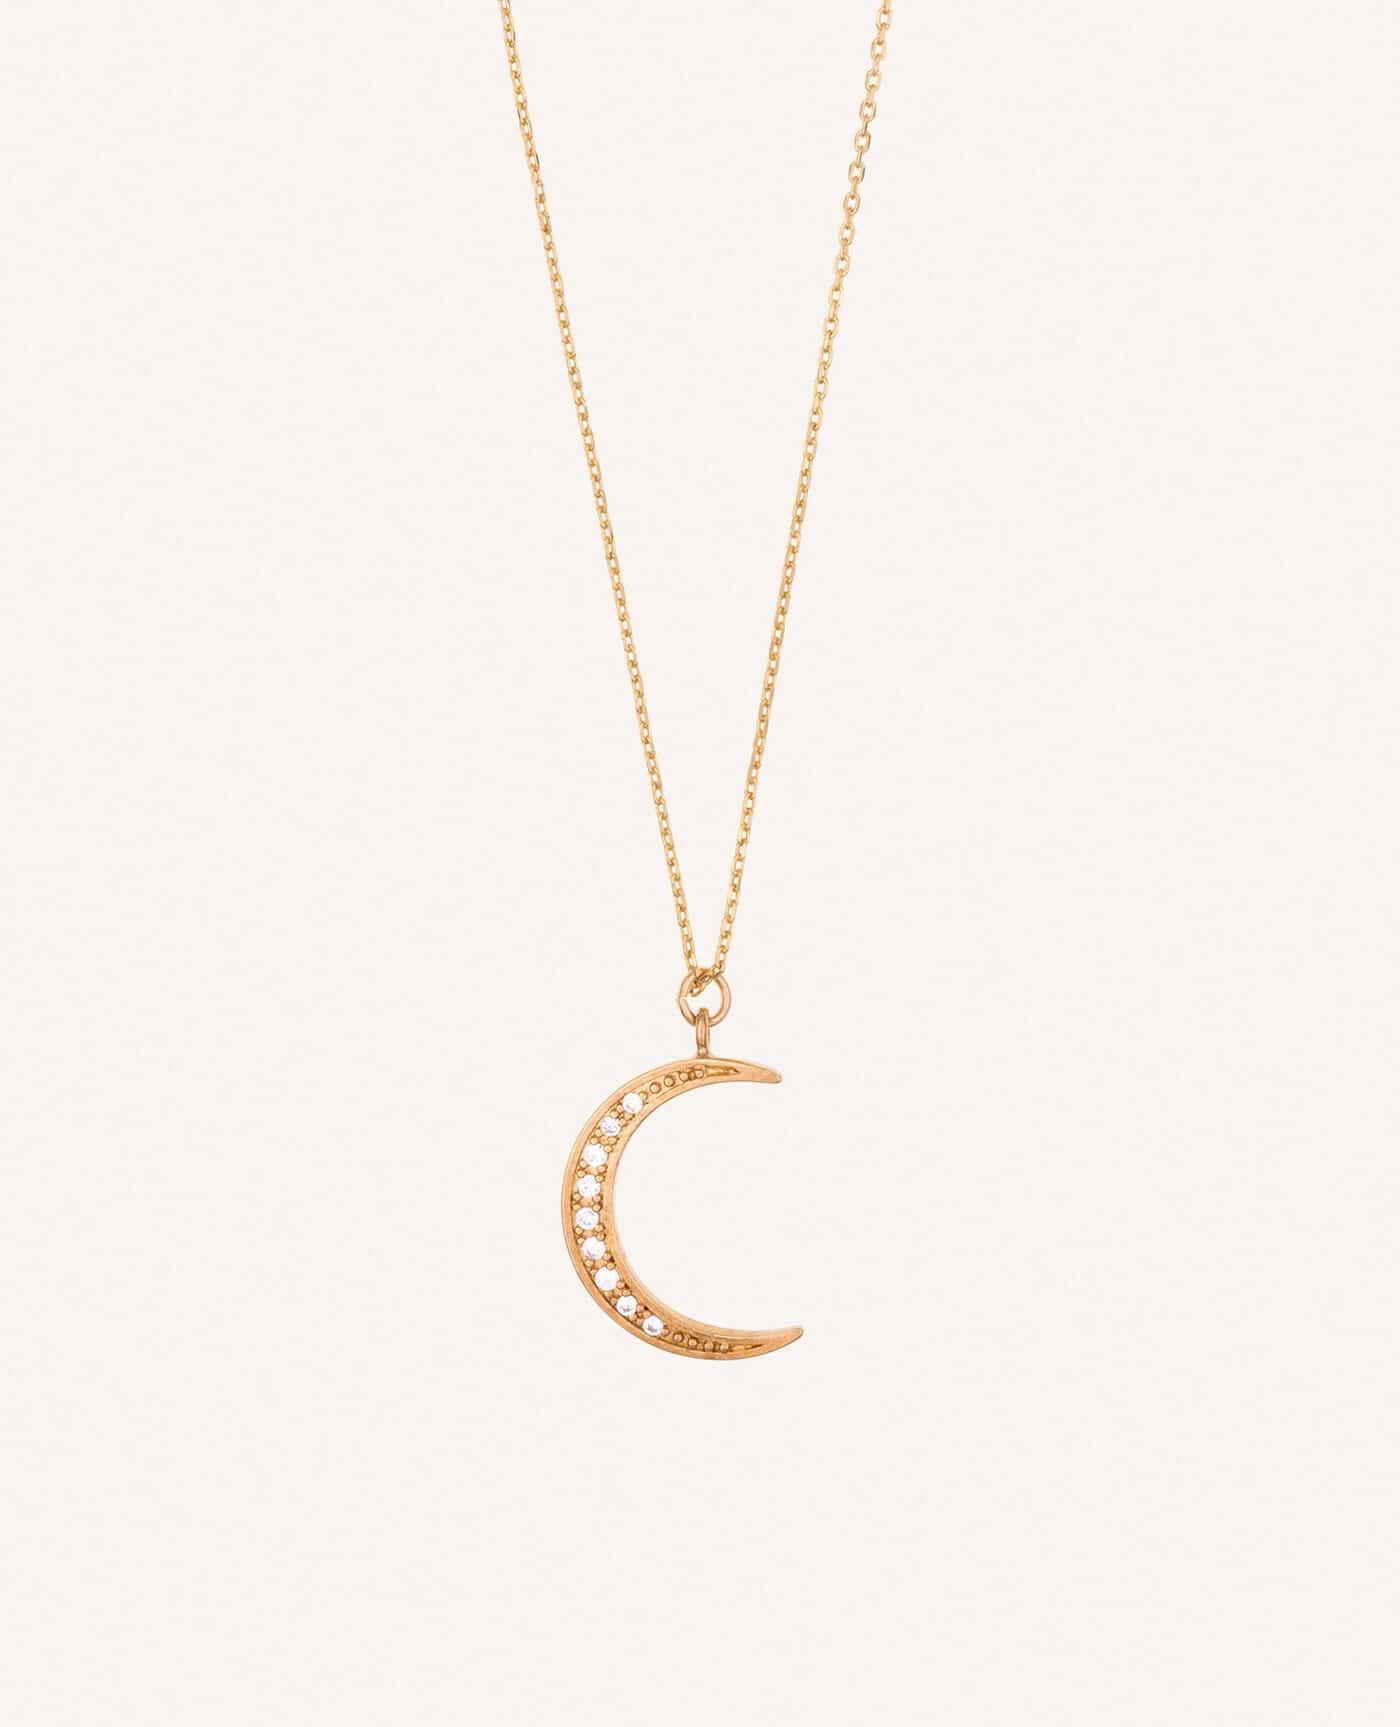 Collier Fanny en or en forme de lune de la marque Luj Paris